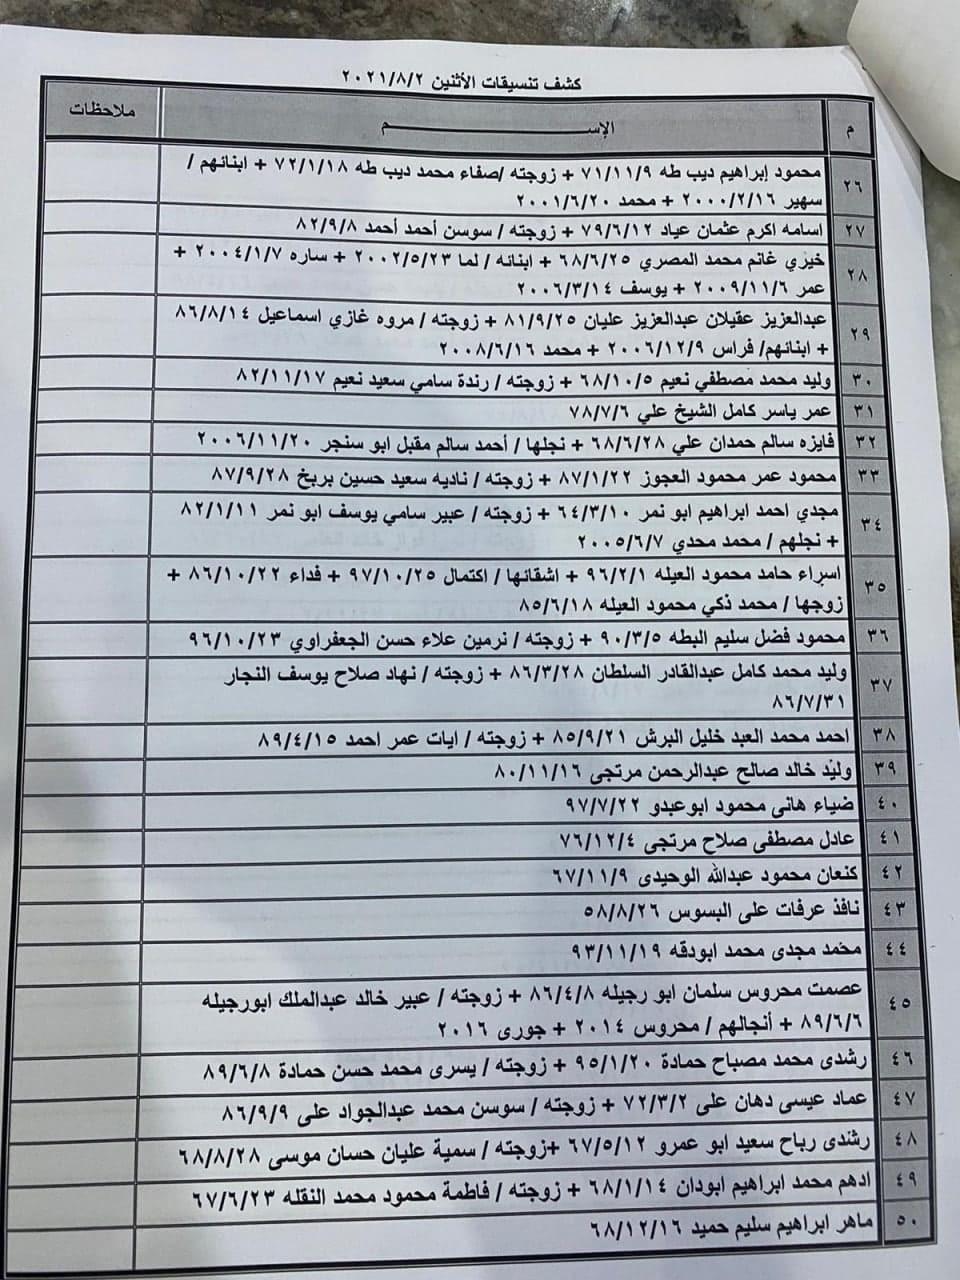 """بالأسماء: كشف """"تنسيقات مصرية"""" للسفر عبر معبر رفح يوم غد الإثنين 2 أغسطس"""